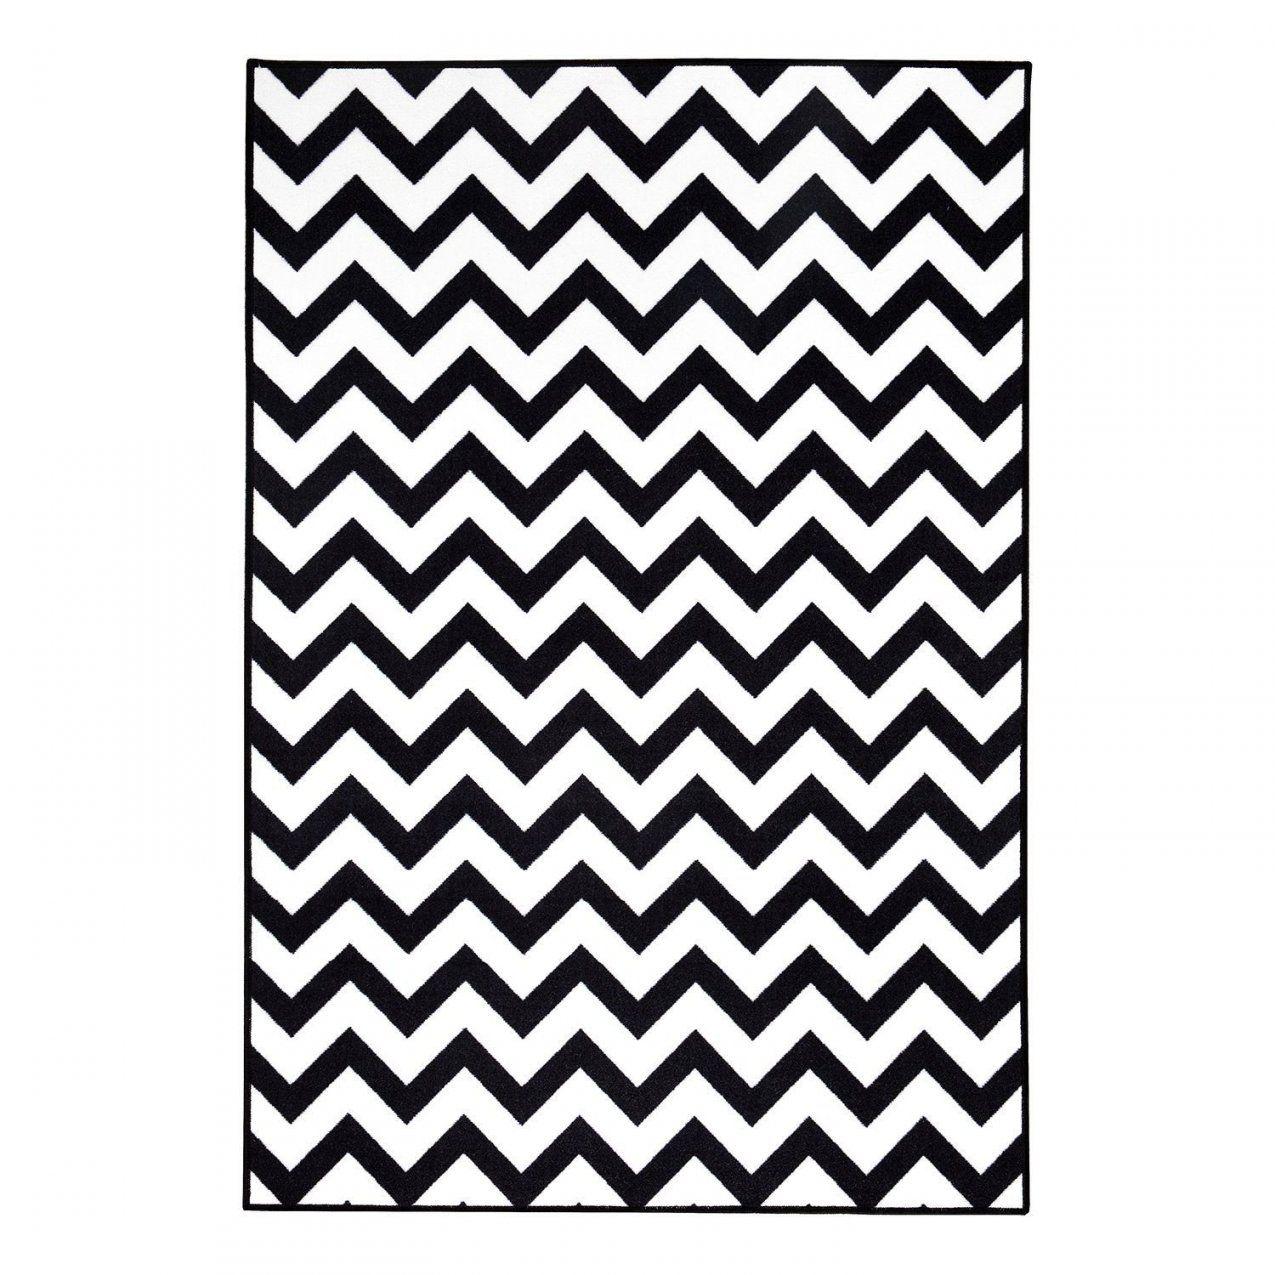 Teppich Rund Schwarz Weiß Modern Layout Betreffend Teppich Rund von Teppich Rund Schwarz Weiß Bild